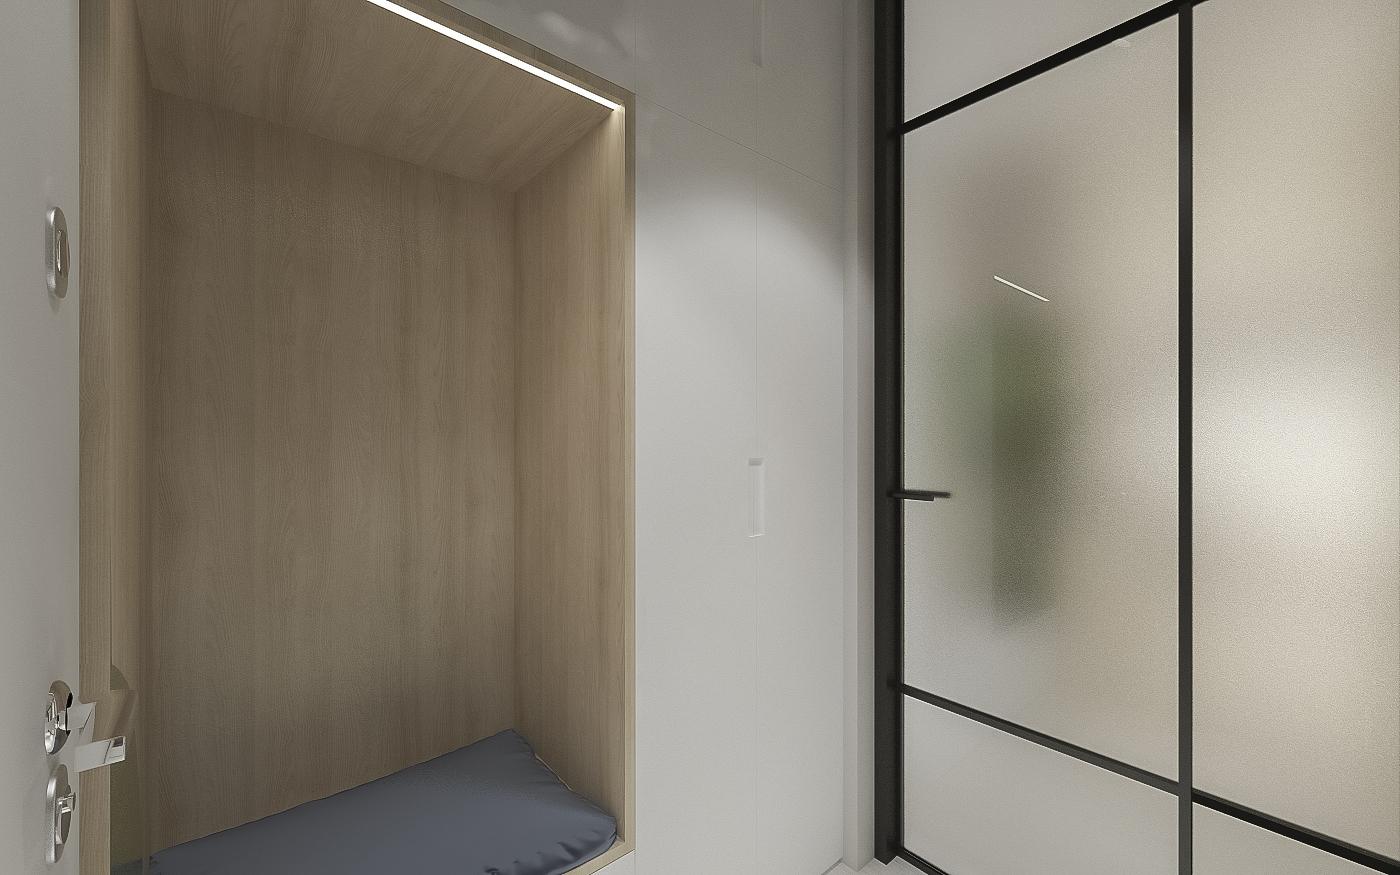 projektowanie wnętrz - Jabłonna